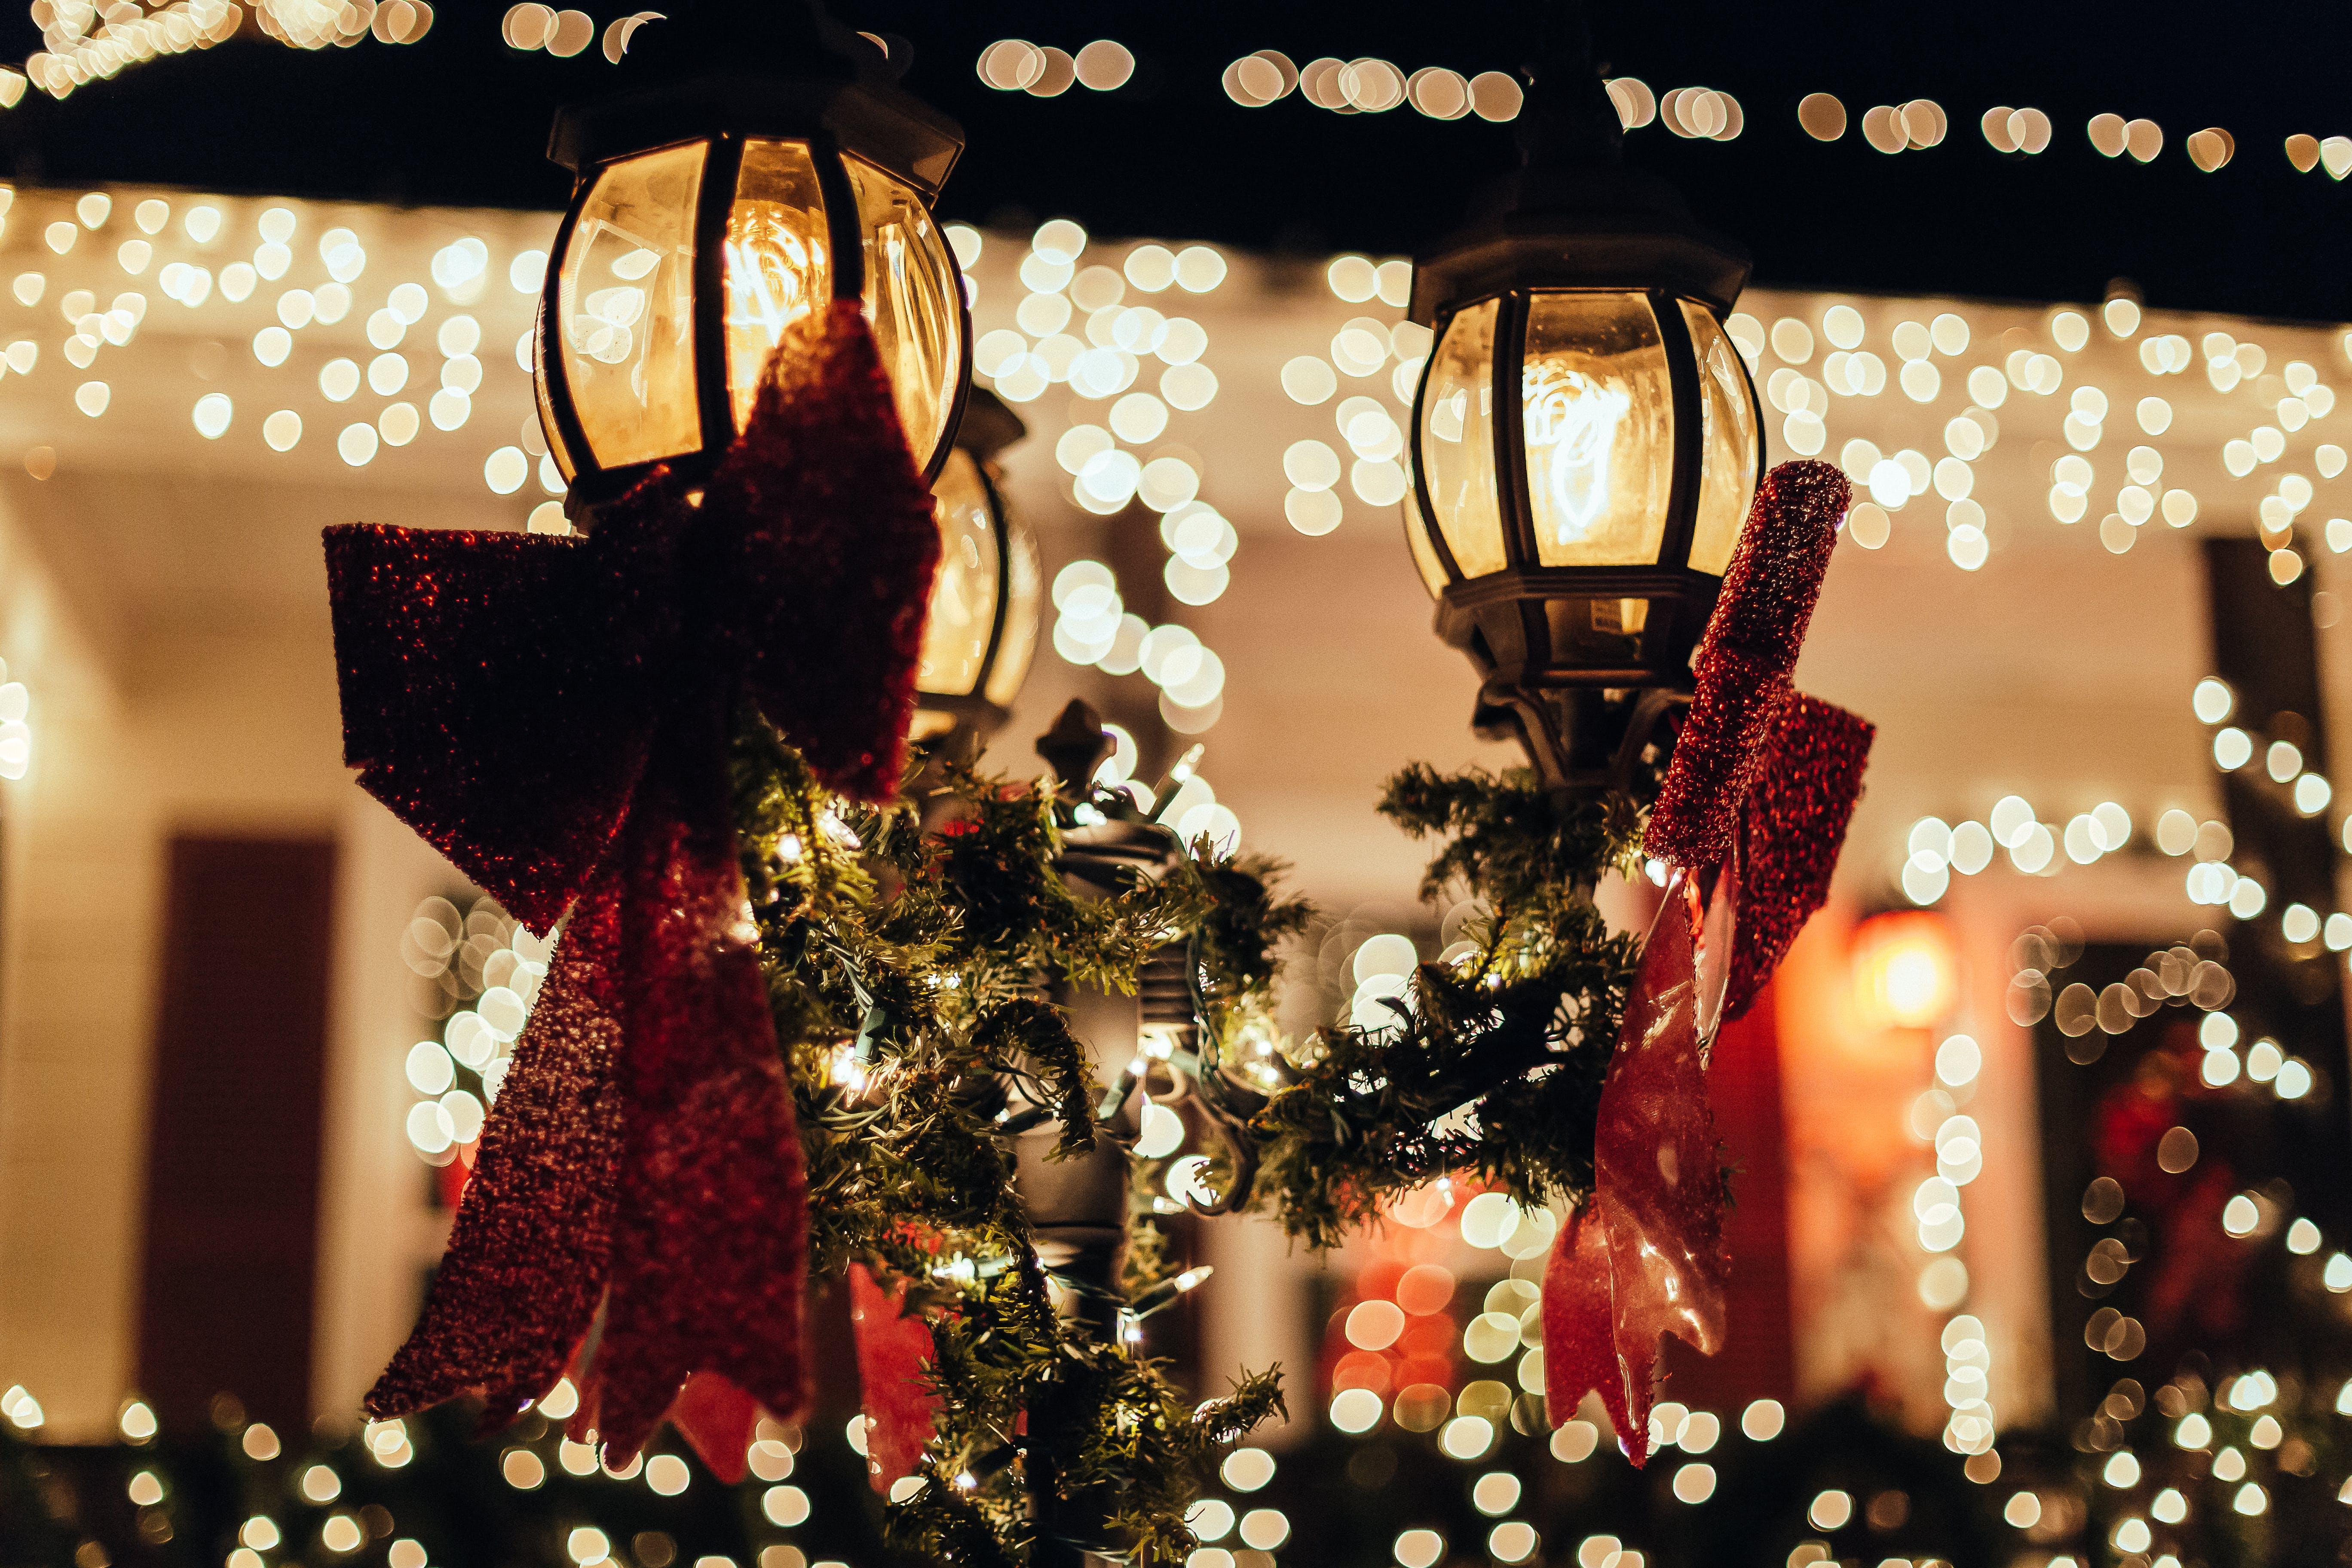 Noel dekoru içeren Ücretsiz stok fotoğraf